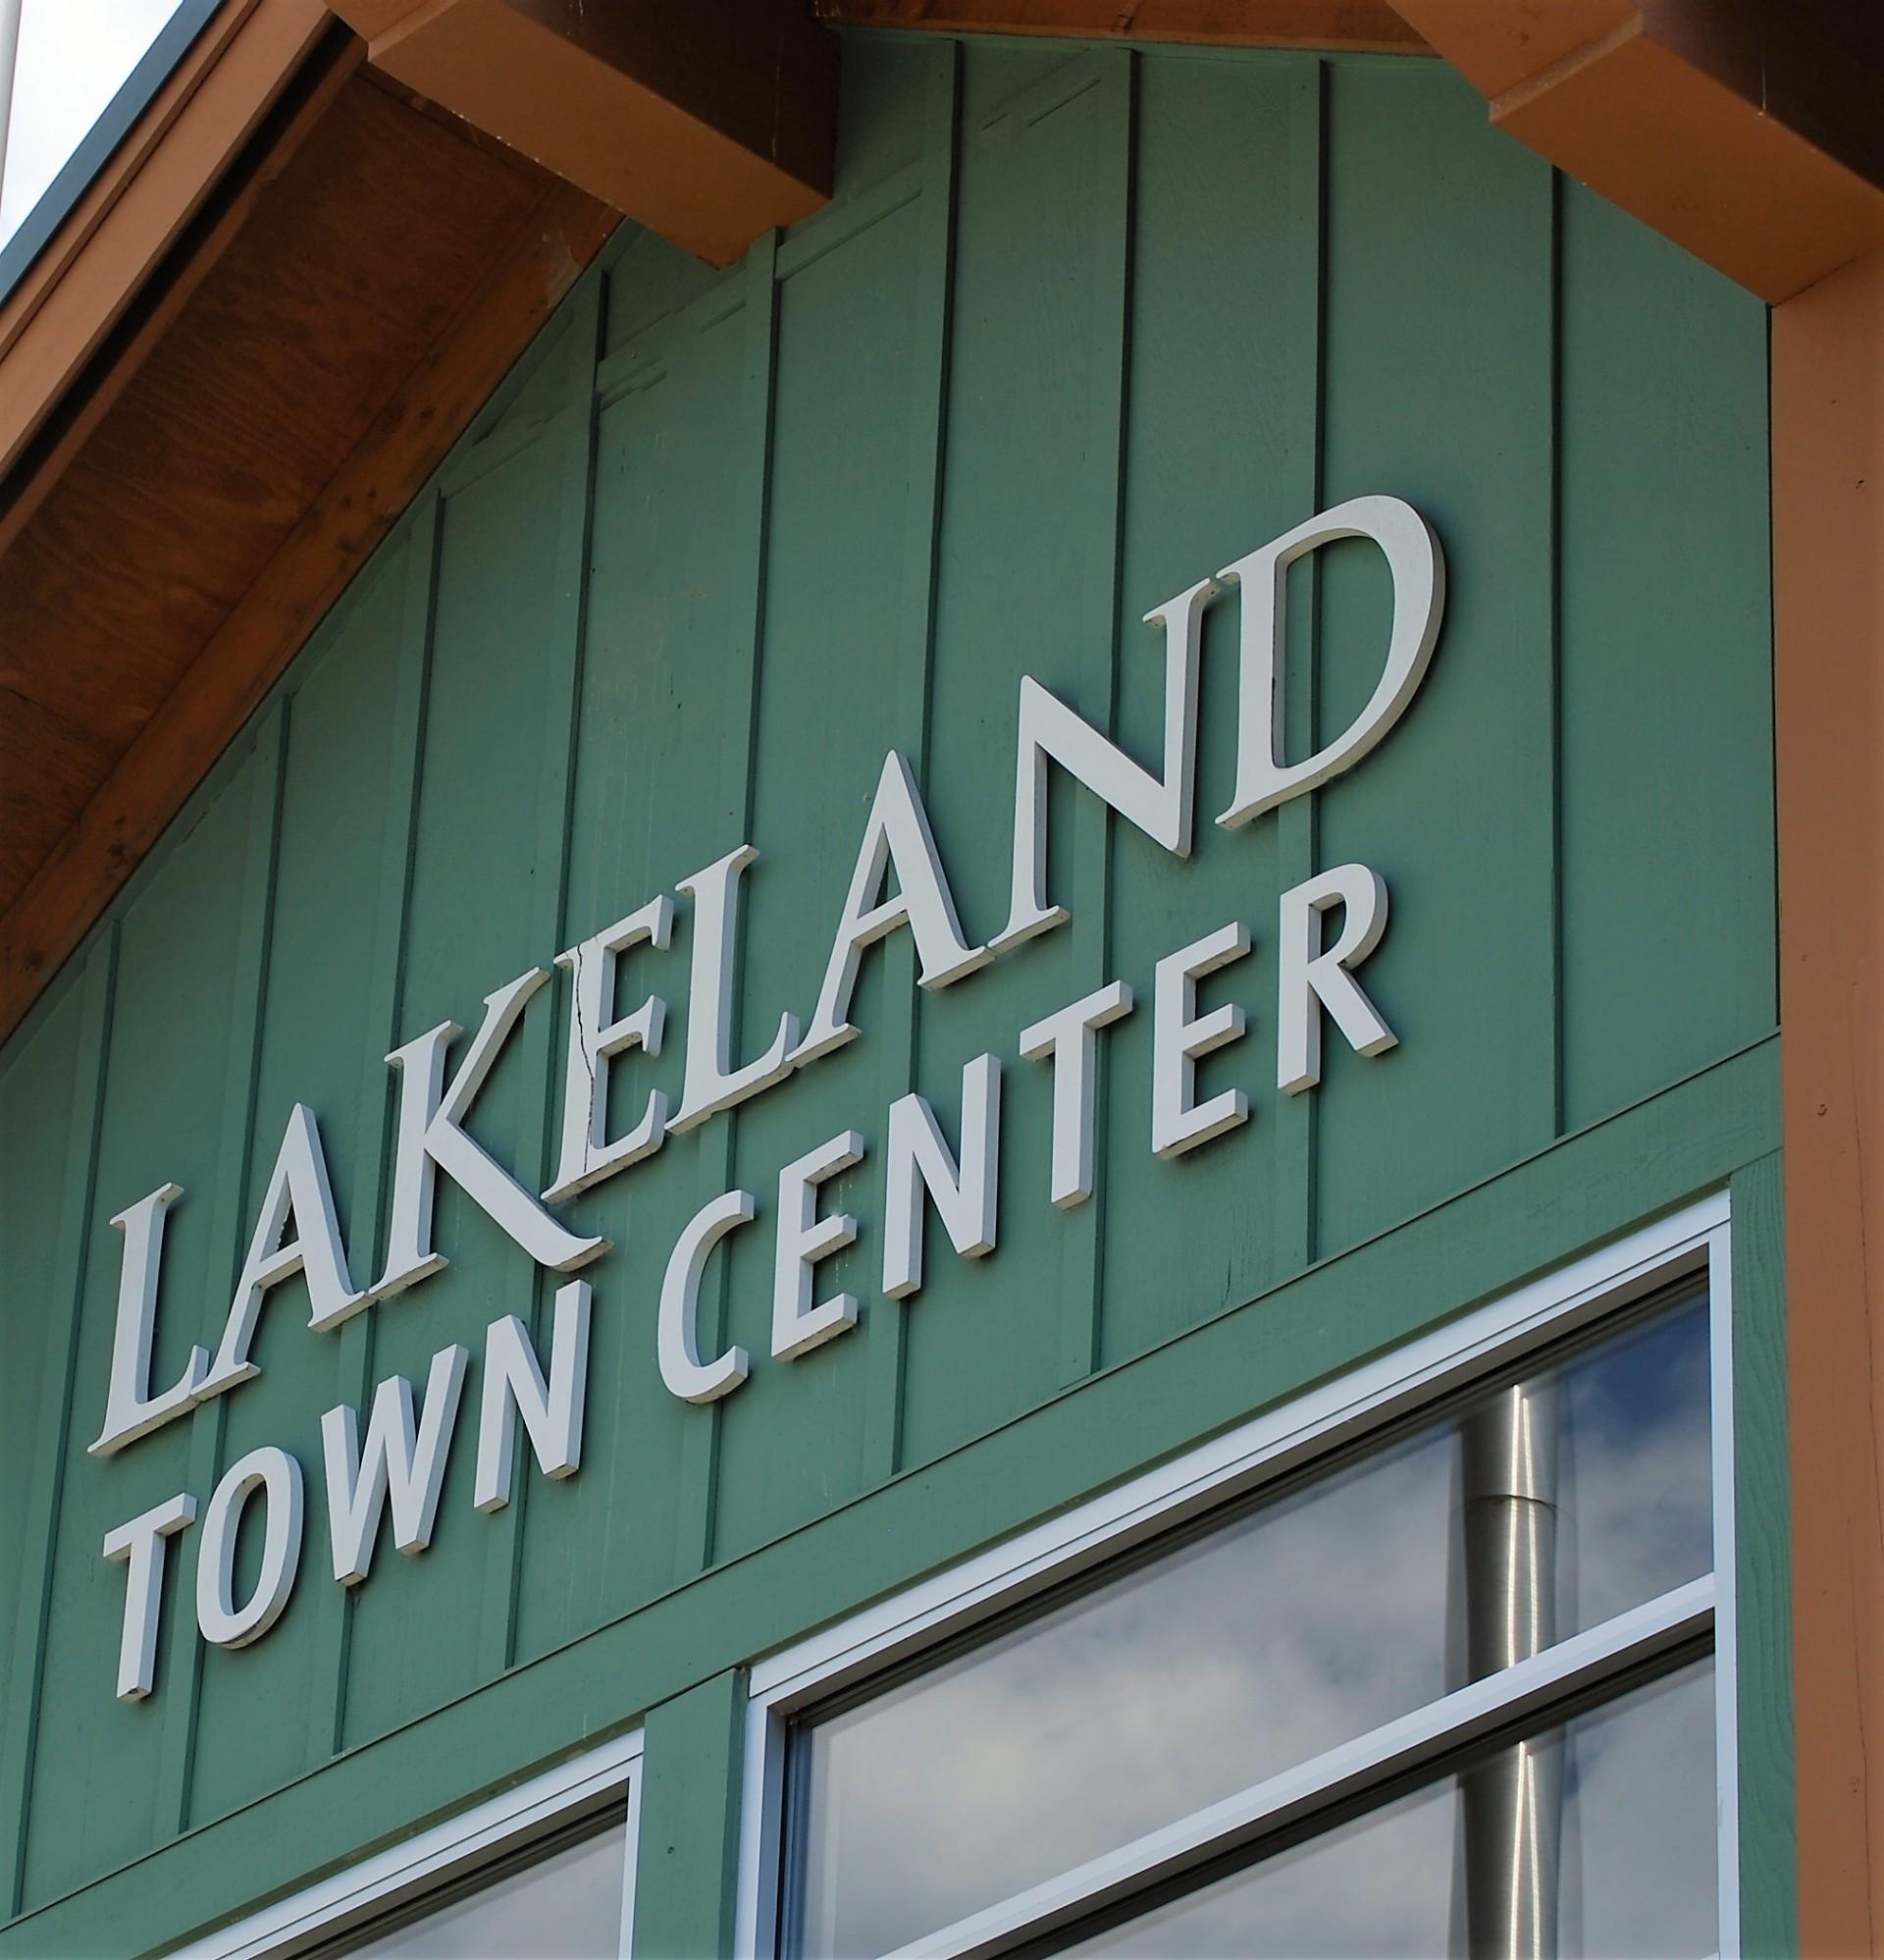 Lakeland Town Center